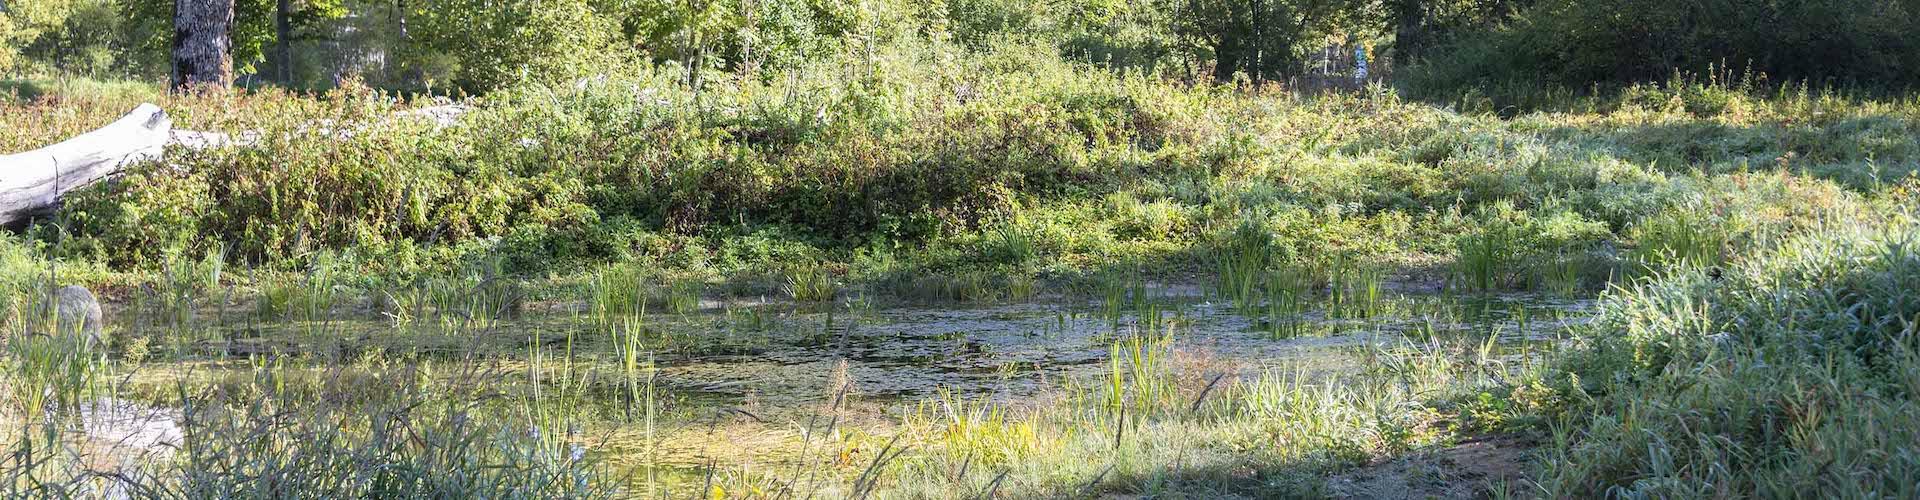 L'étang du Jardin des mineurs, à la Presta, dans le Val-de-Travers